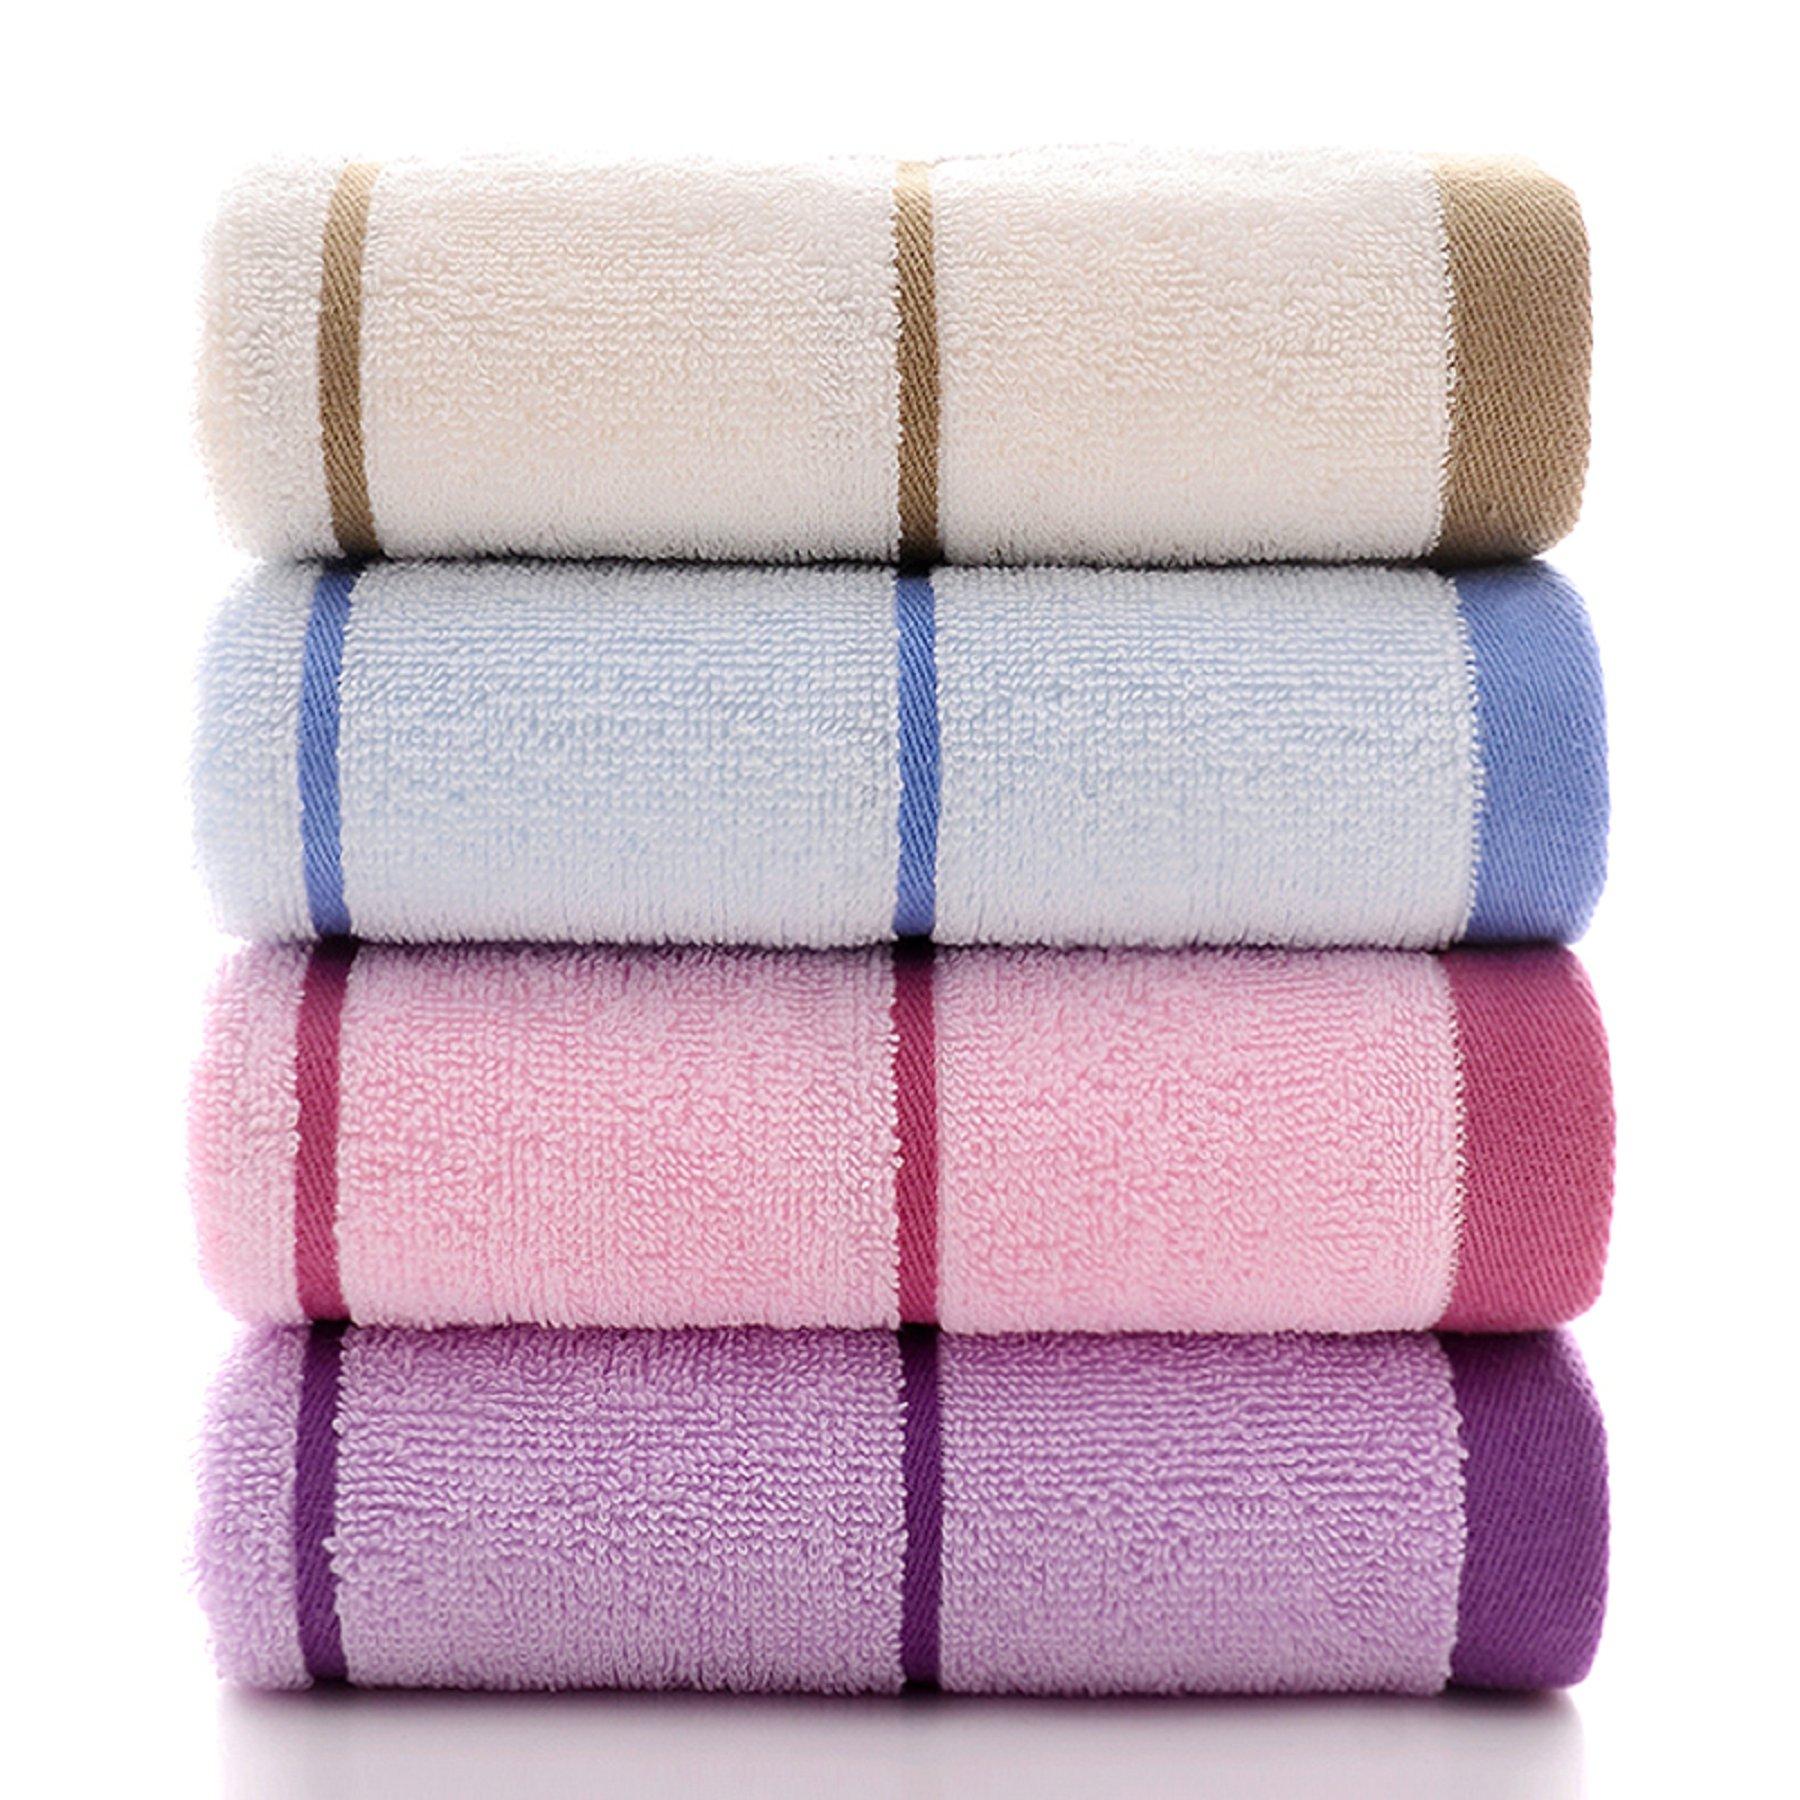 博越毛巾4条装 纯棉吸水柔软家用面巾加厚洗澡不掉毛全棉成人男女